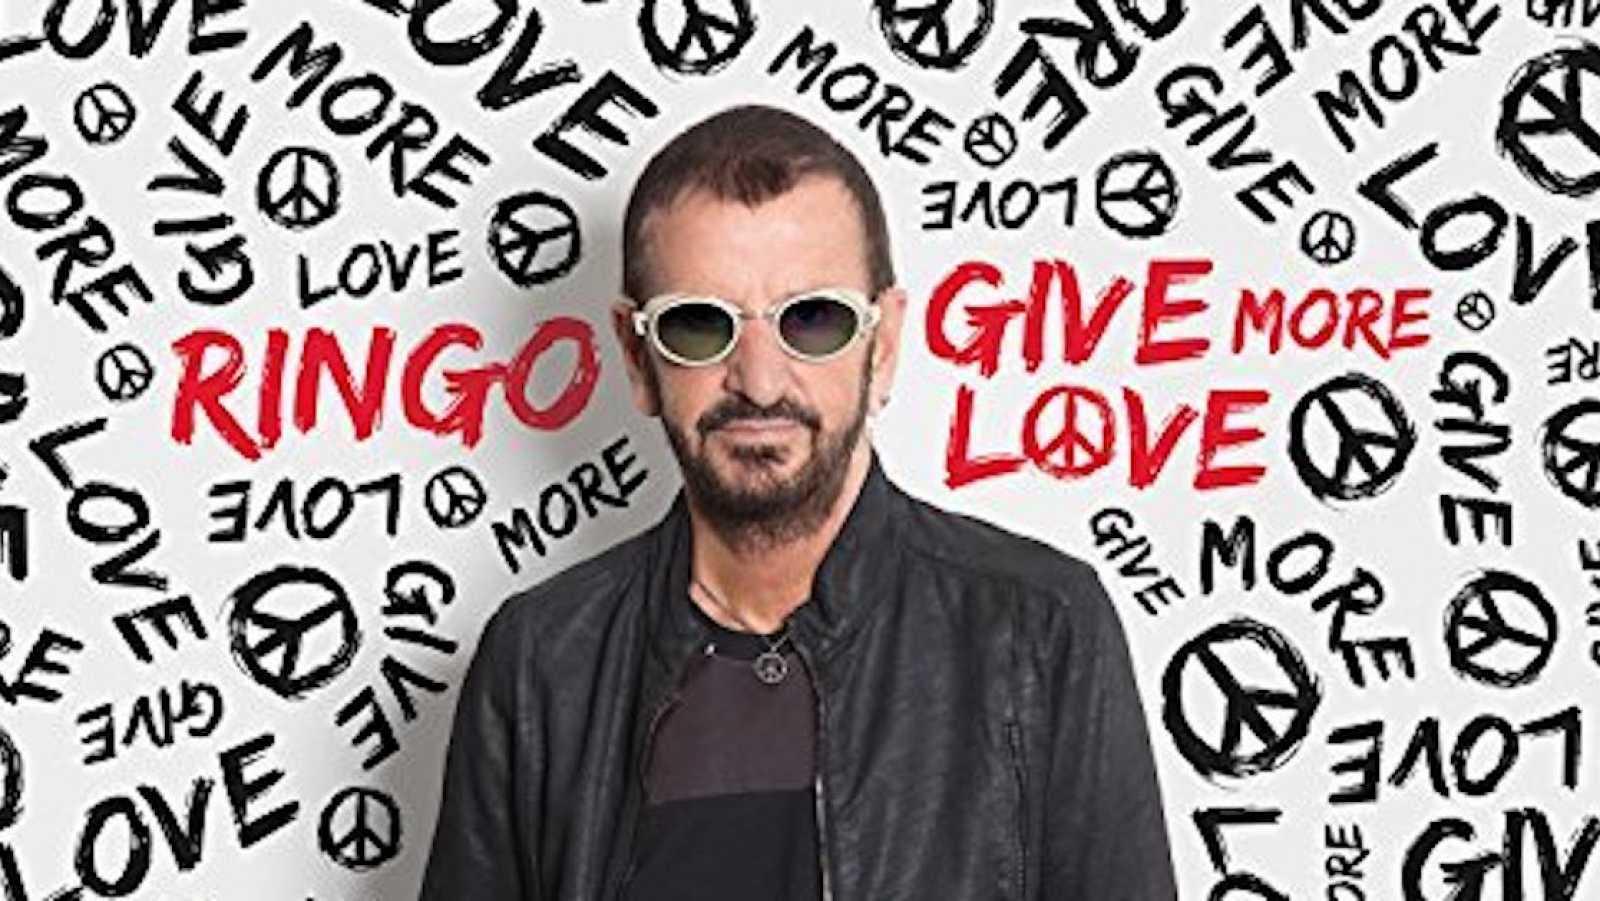 Memoria Beatle - Ringo Starr: paz y amor para 2021 - 30/12/20 - Escuchar ahora